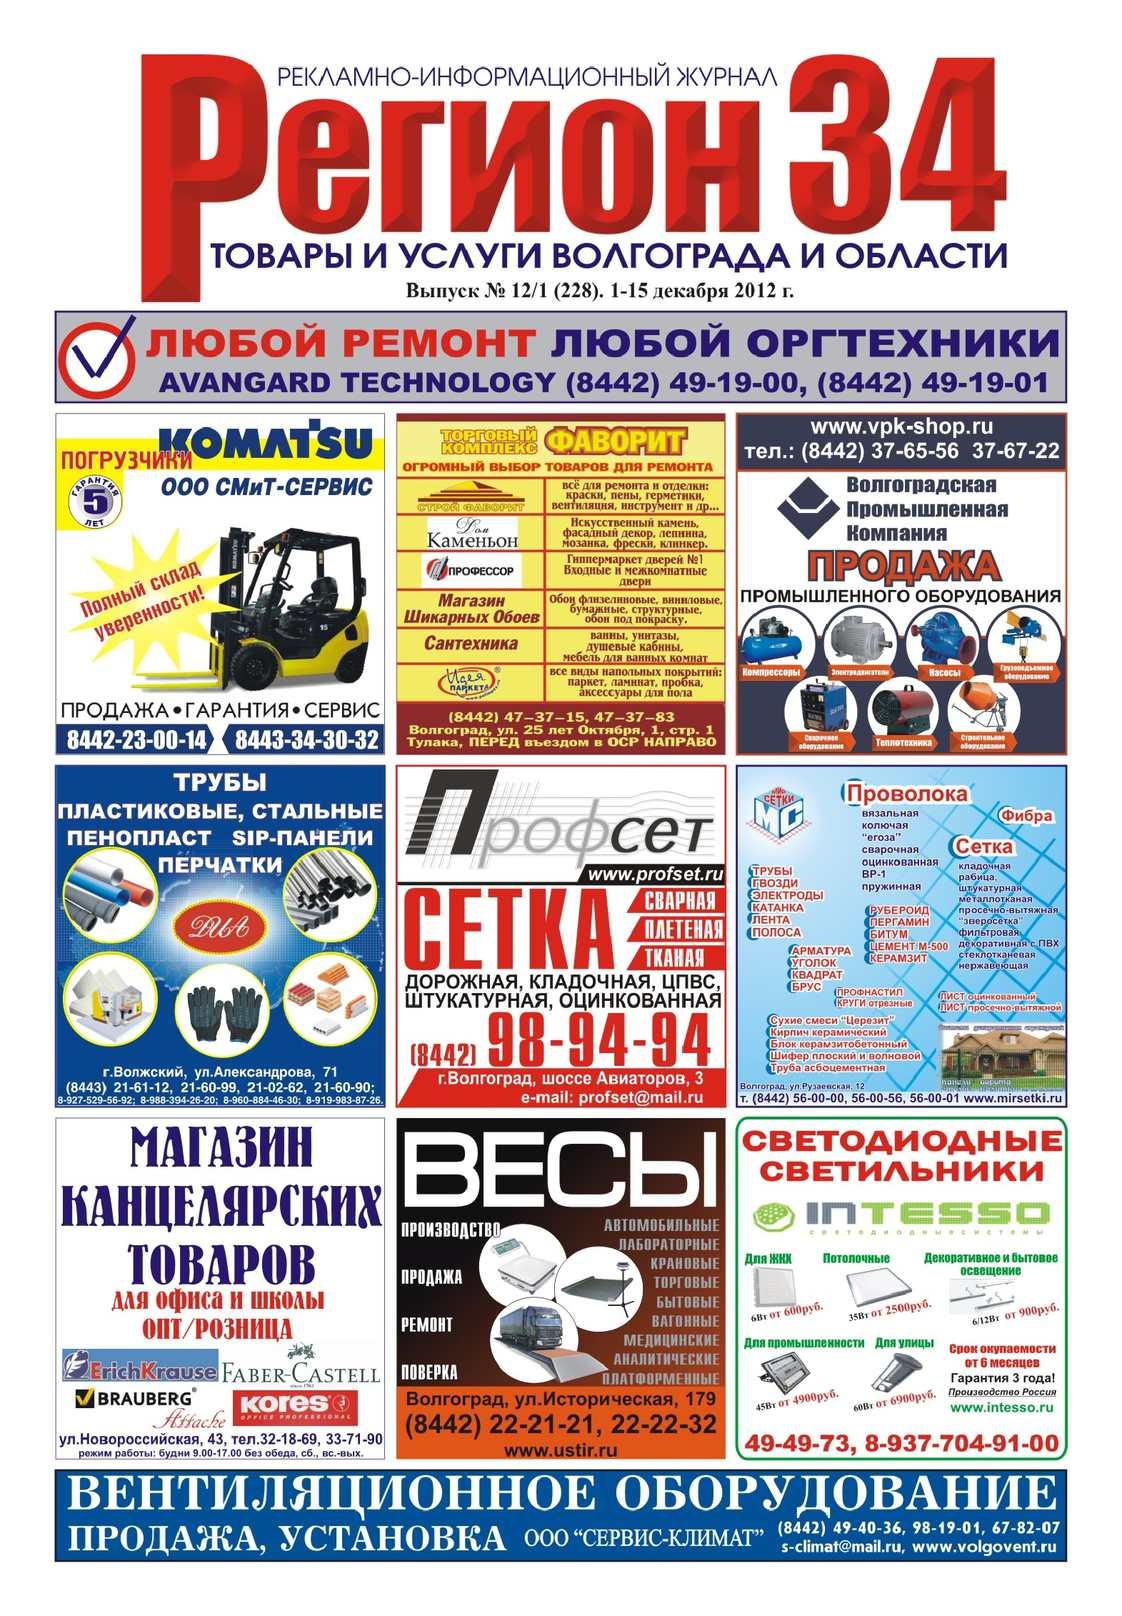 Calaméo - Регион34 выпуск 228 декабрь(1) 2012 г 2633d86562f